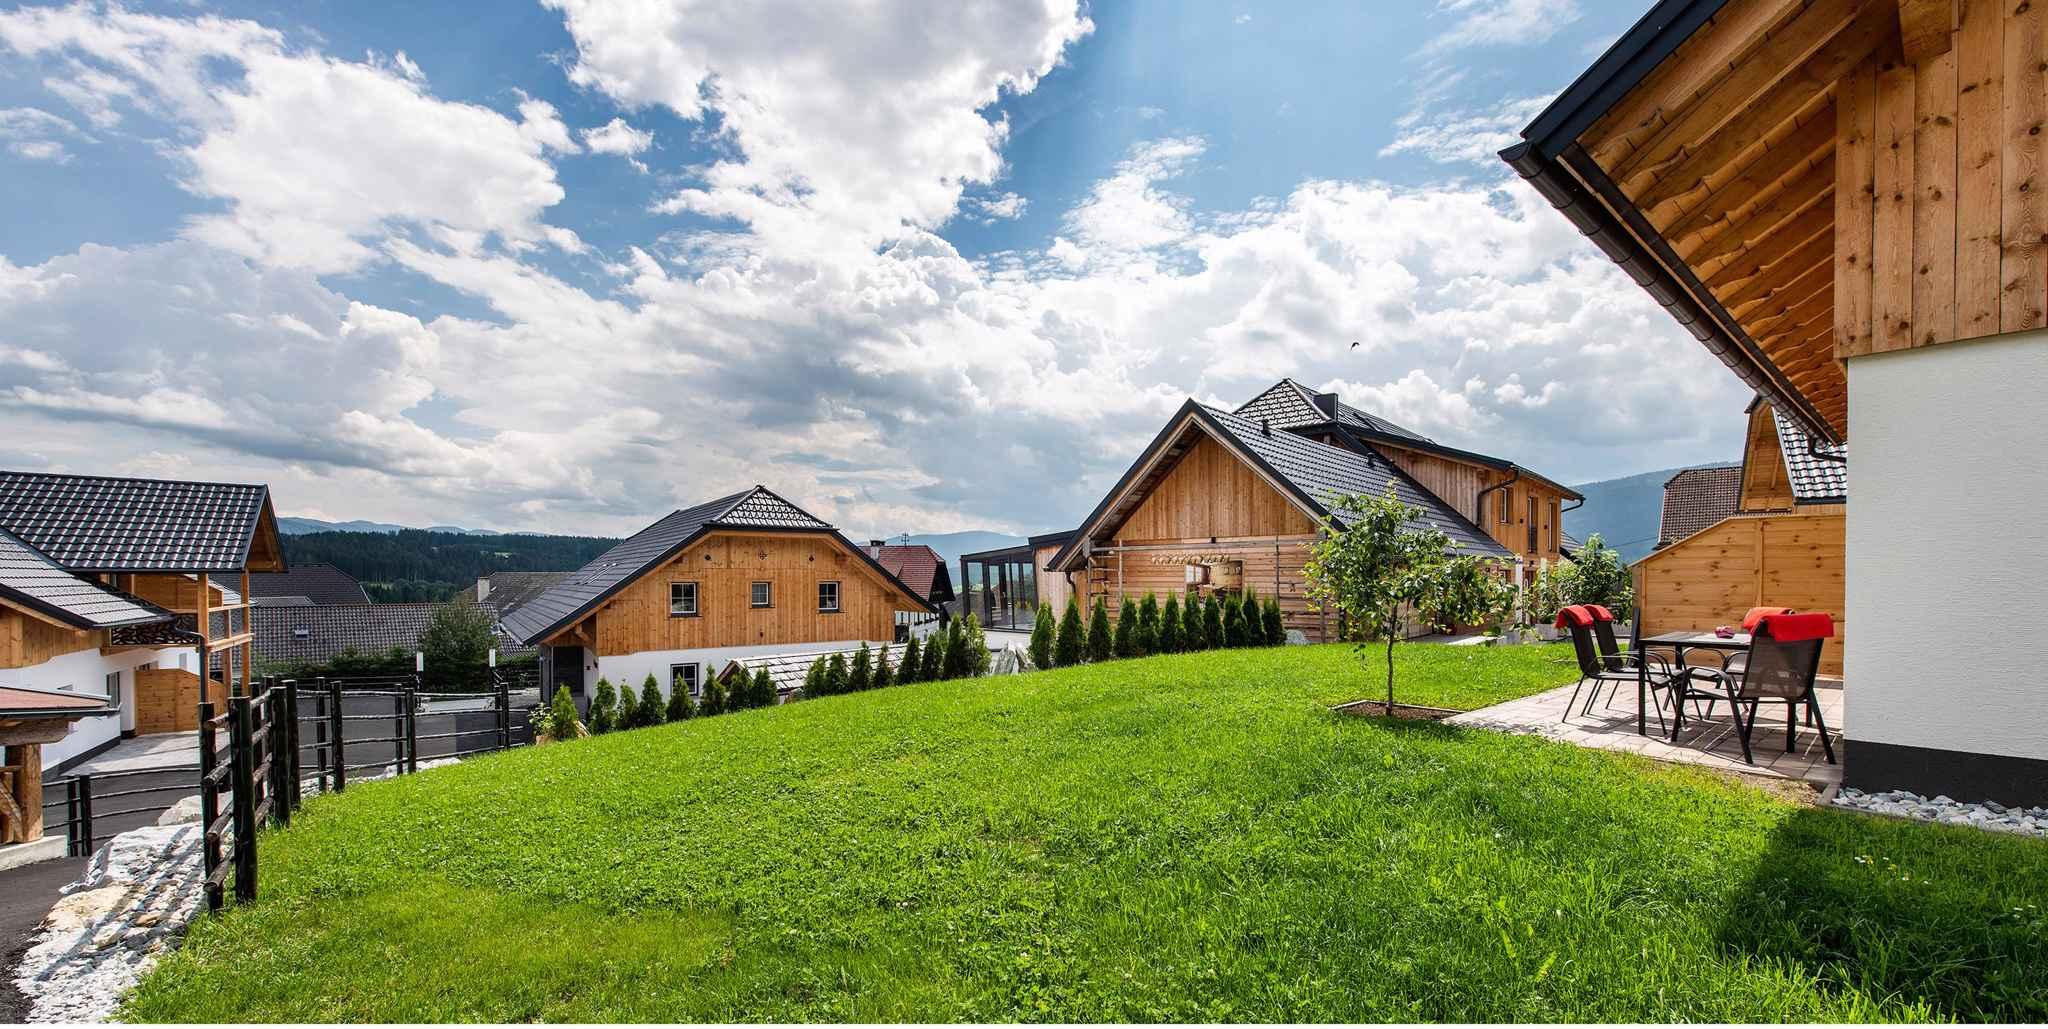 Ferienhaus im Feriendorf Edelweiss (2916176), Mariapfarr, Lungau, Salzburg, Österreich, Bild 4